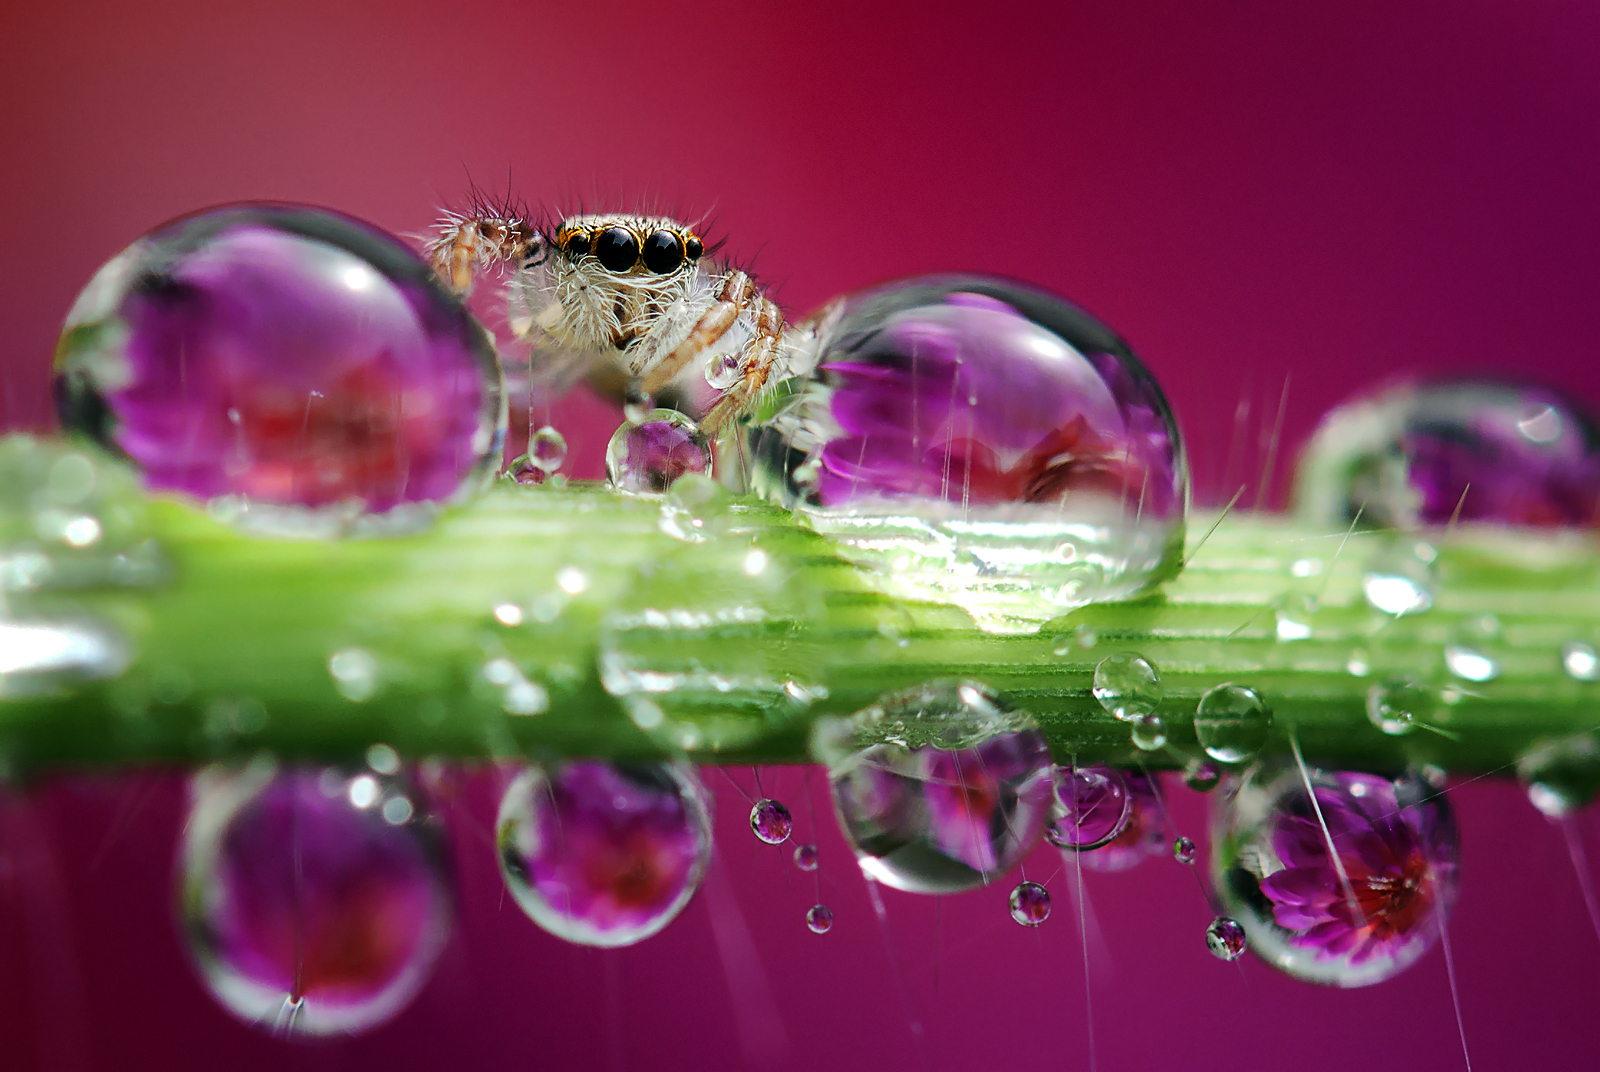 garden-insects-nordin-seruyan-20